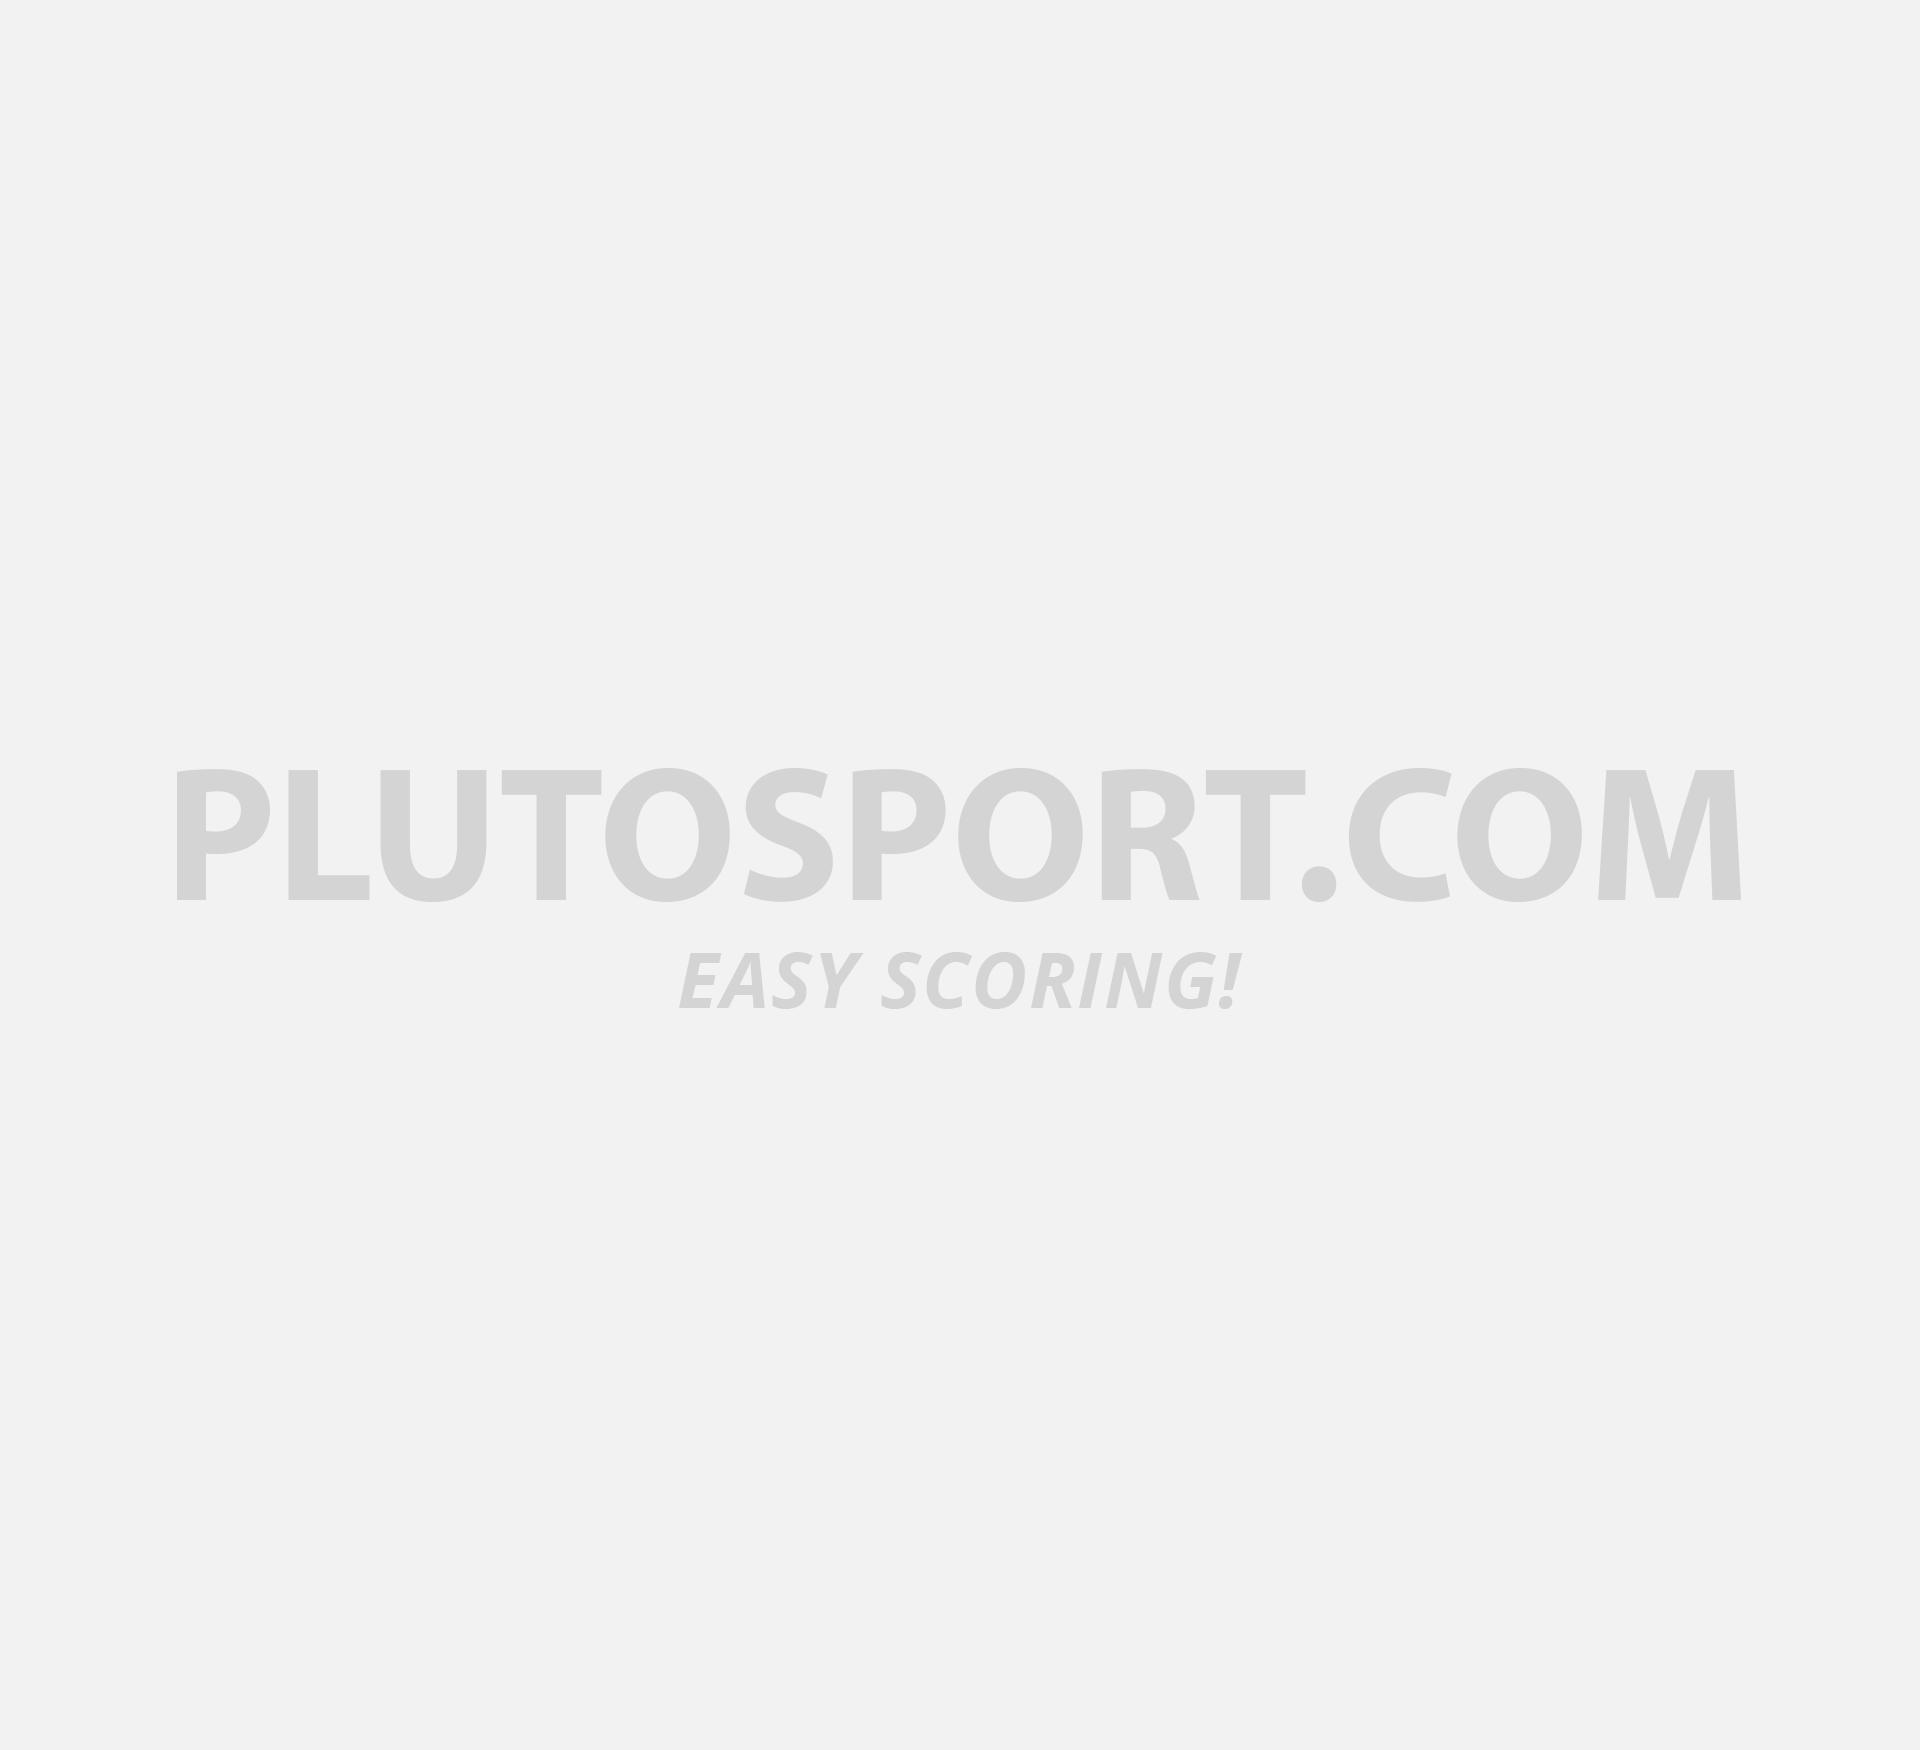 0940c3f7f Puma Red Bull Racing New Block Cap - Caps - Accessories - Lifestyle ...